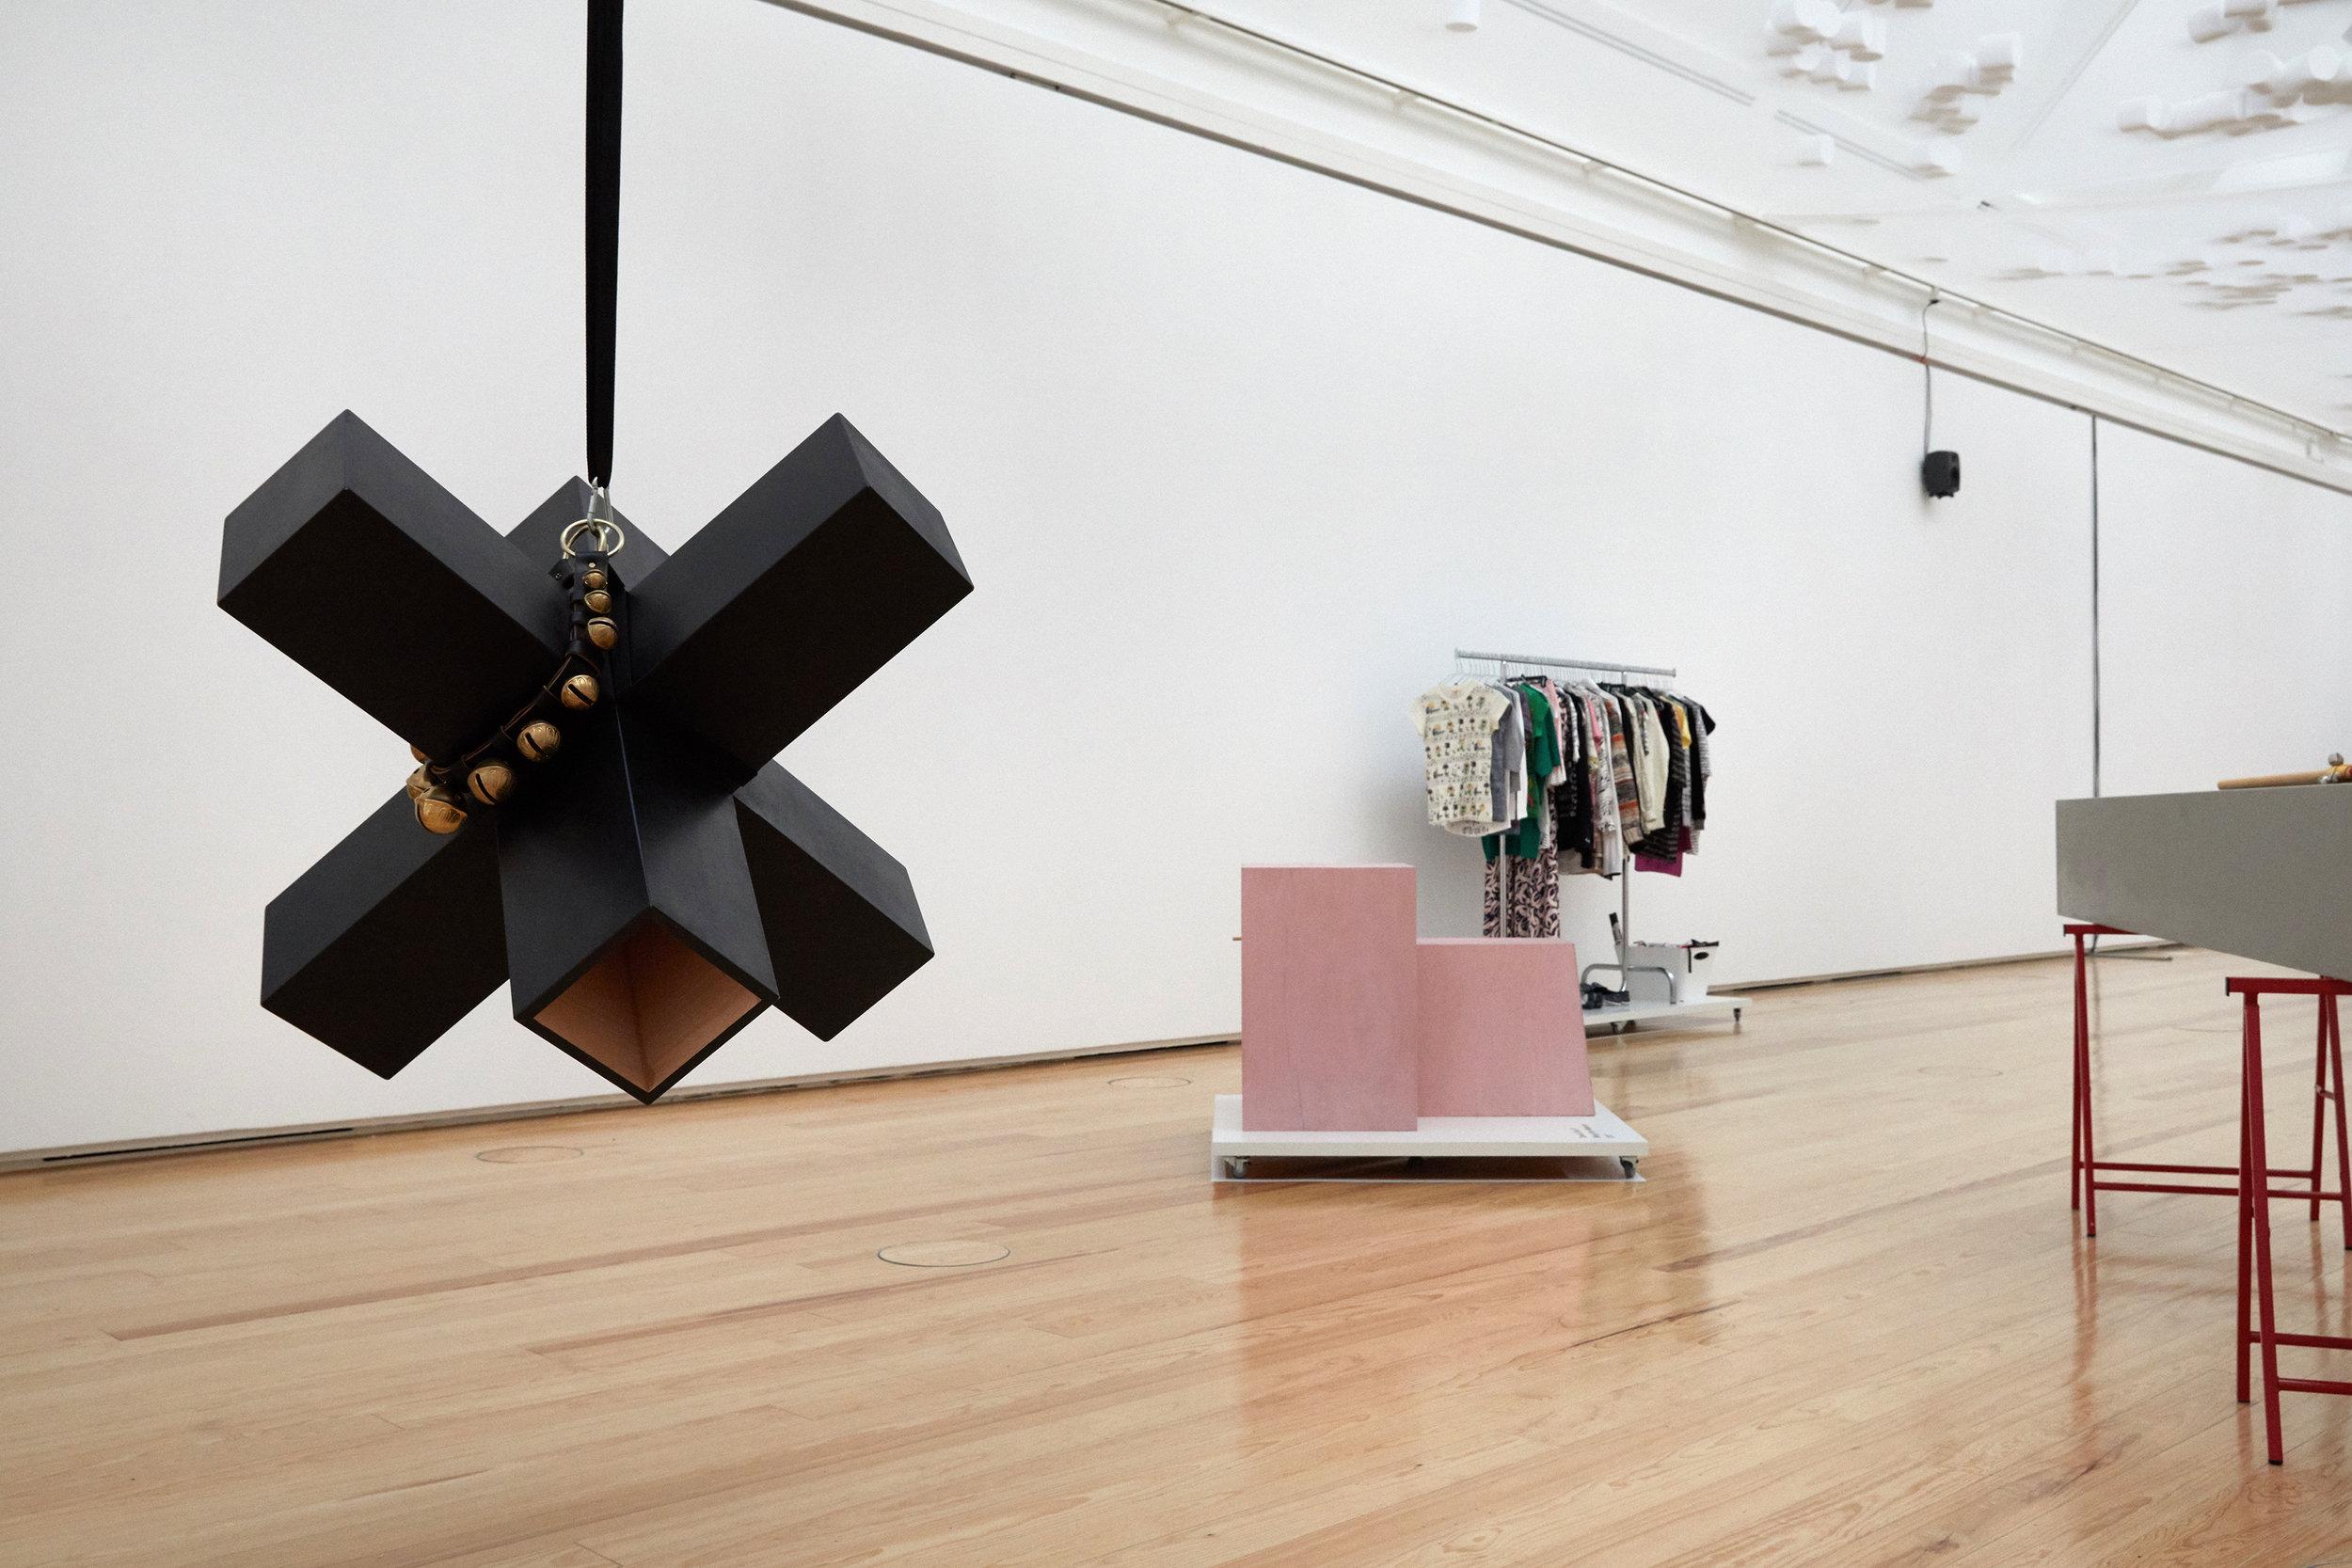 Ausstellungsansicht © Schirn Kunsthalle Frankfurt, 2019, Foto: Marc Krause